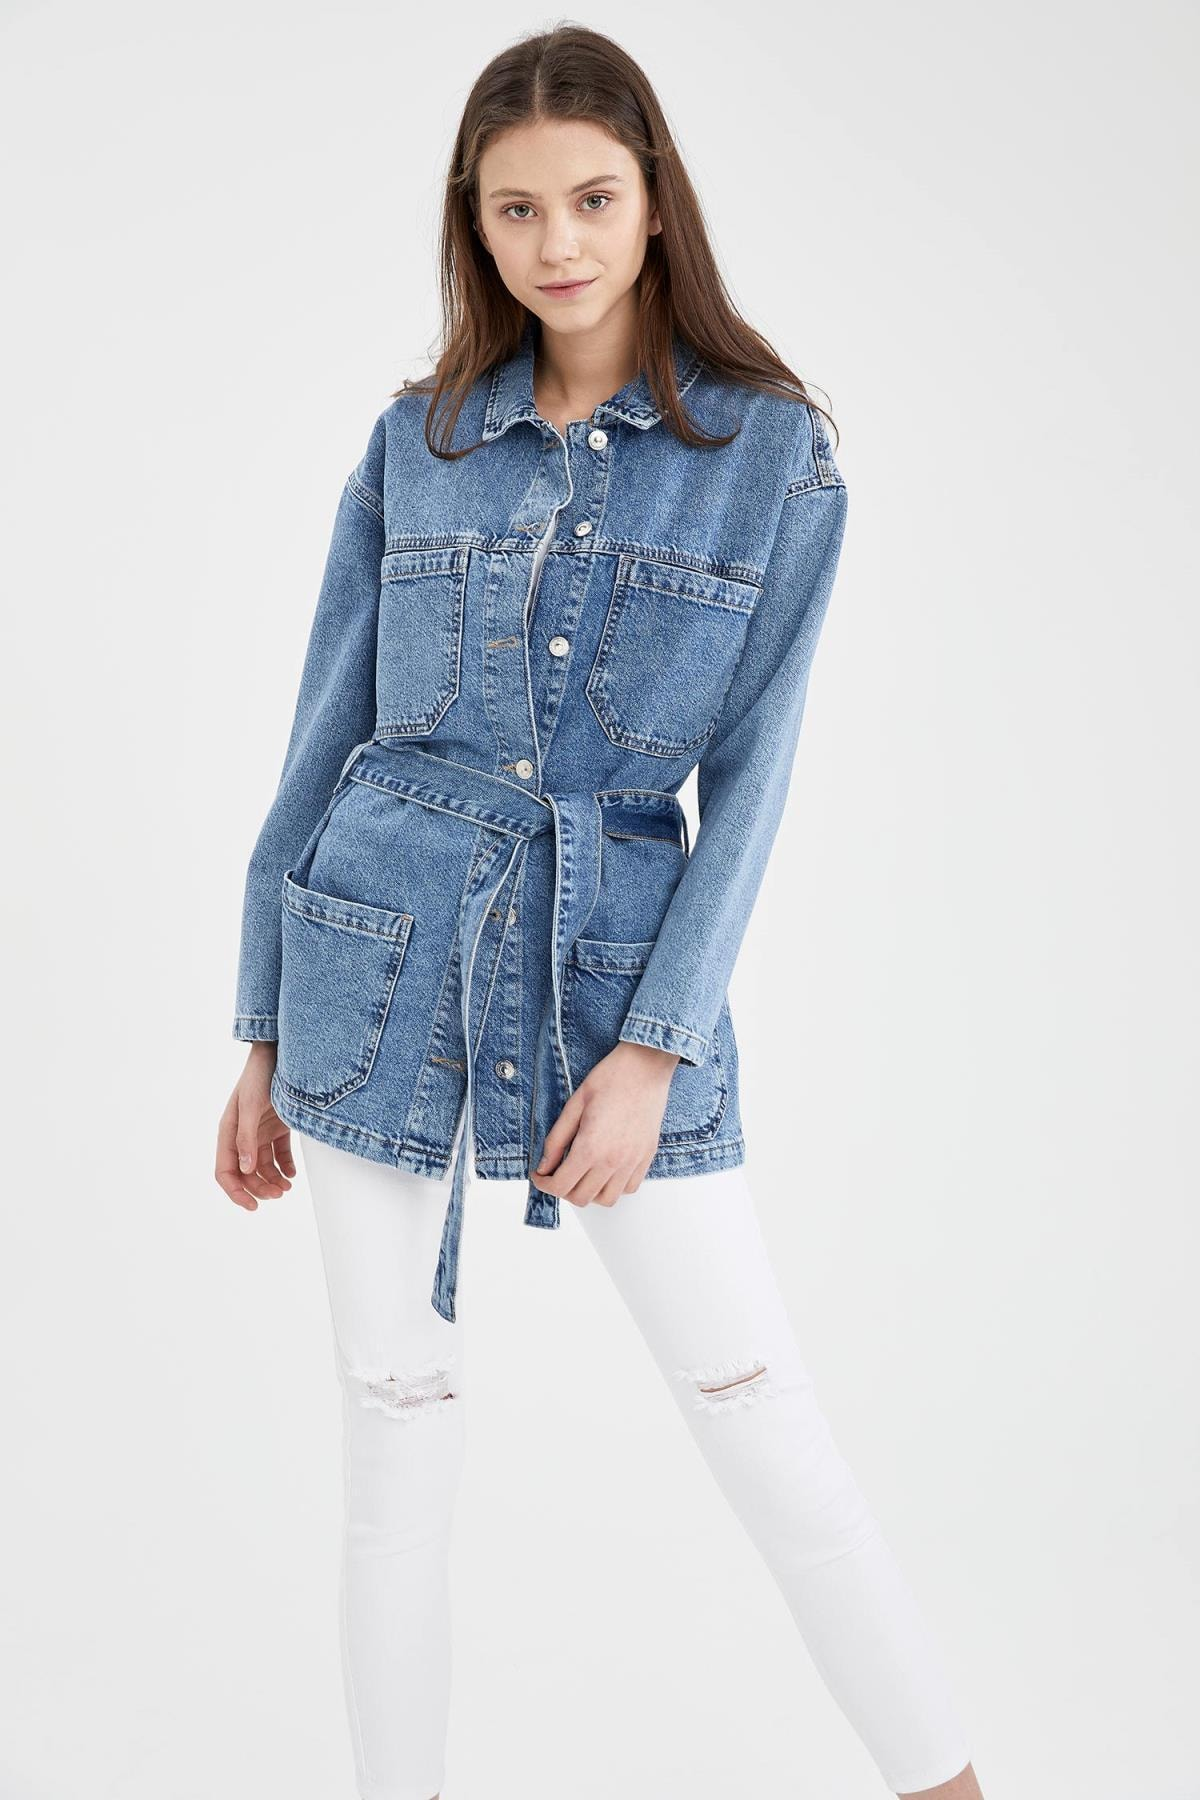 Kadın Mavi Kuşak Detaylı Relax Fit Tunik Jean Ceket